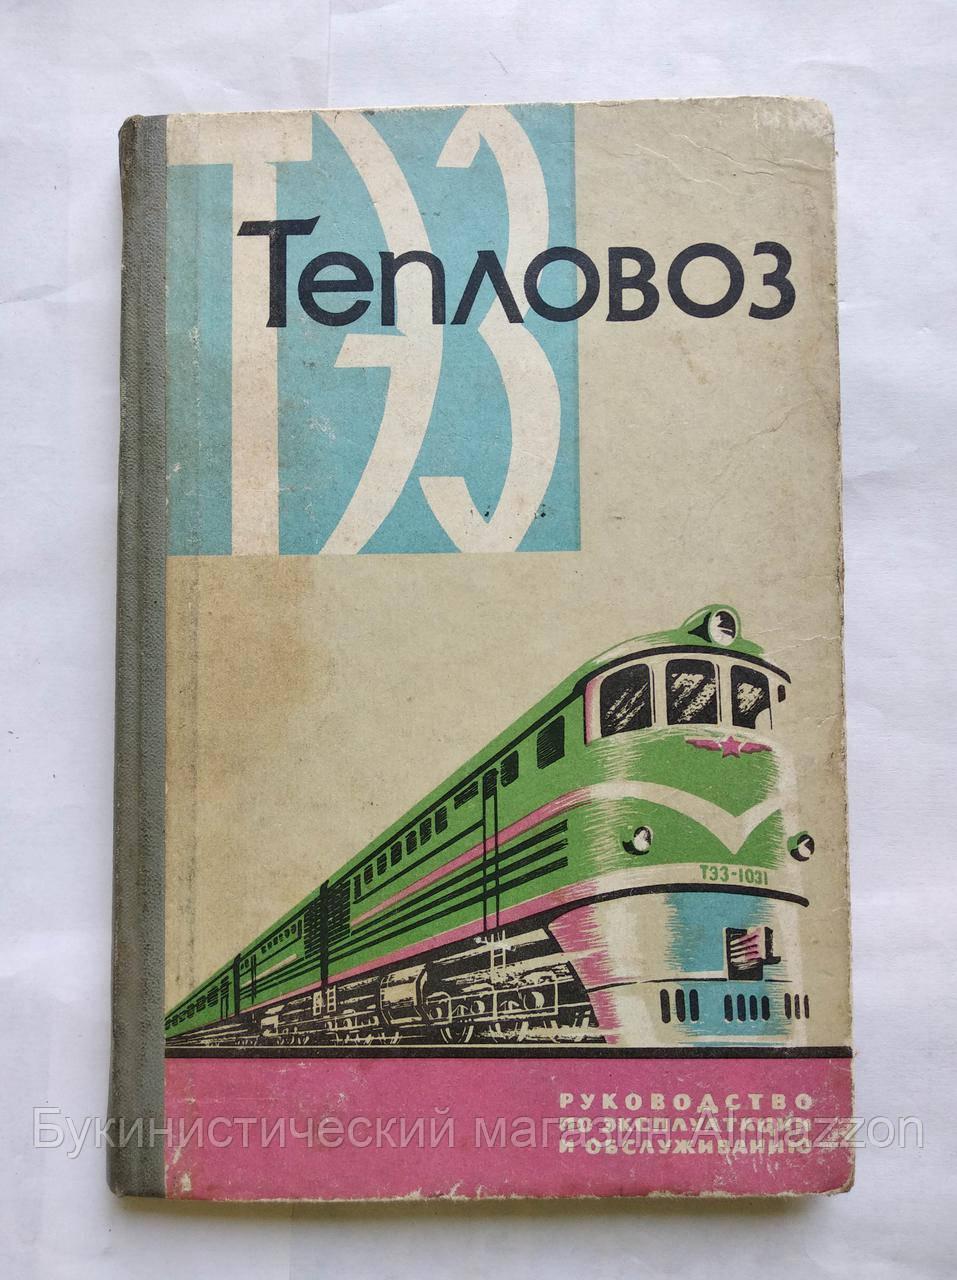 Тепловоз ТЭ3 Руководство по эксплуатации и обслуживанию. 1962 год